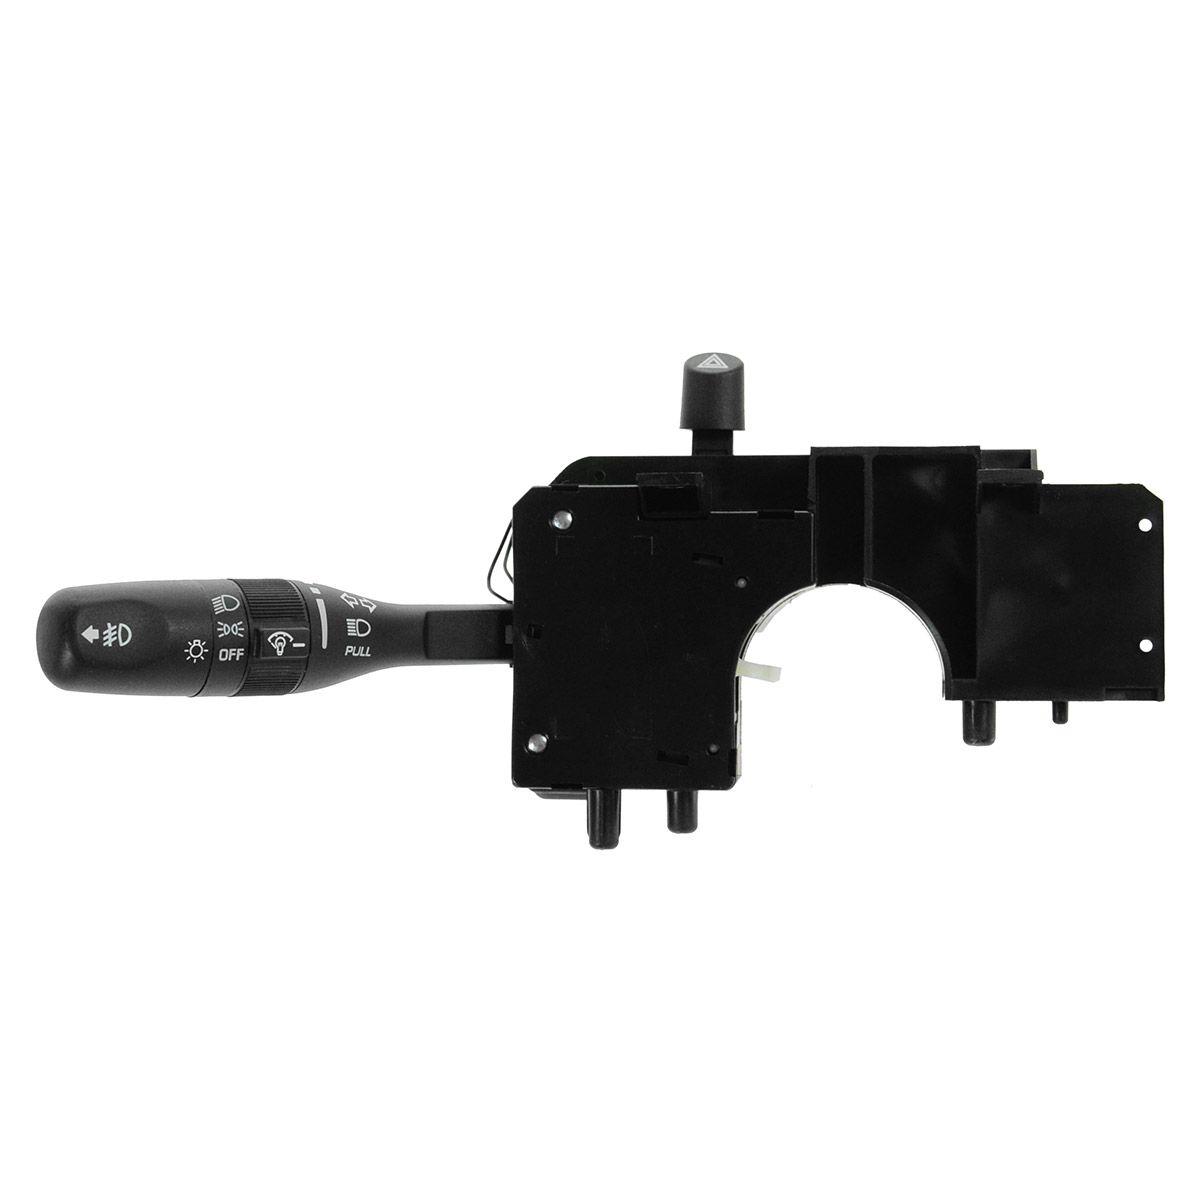 Turn Signal Blinker Headlight Switch Combination Lever for Cherokee Wrangler